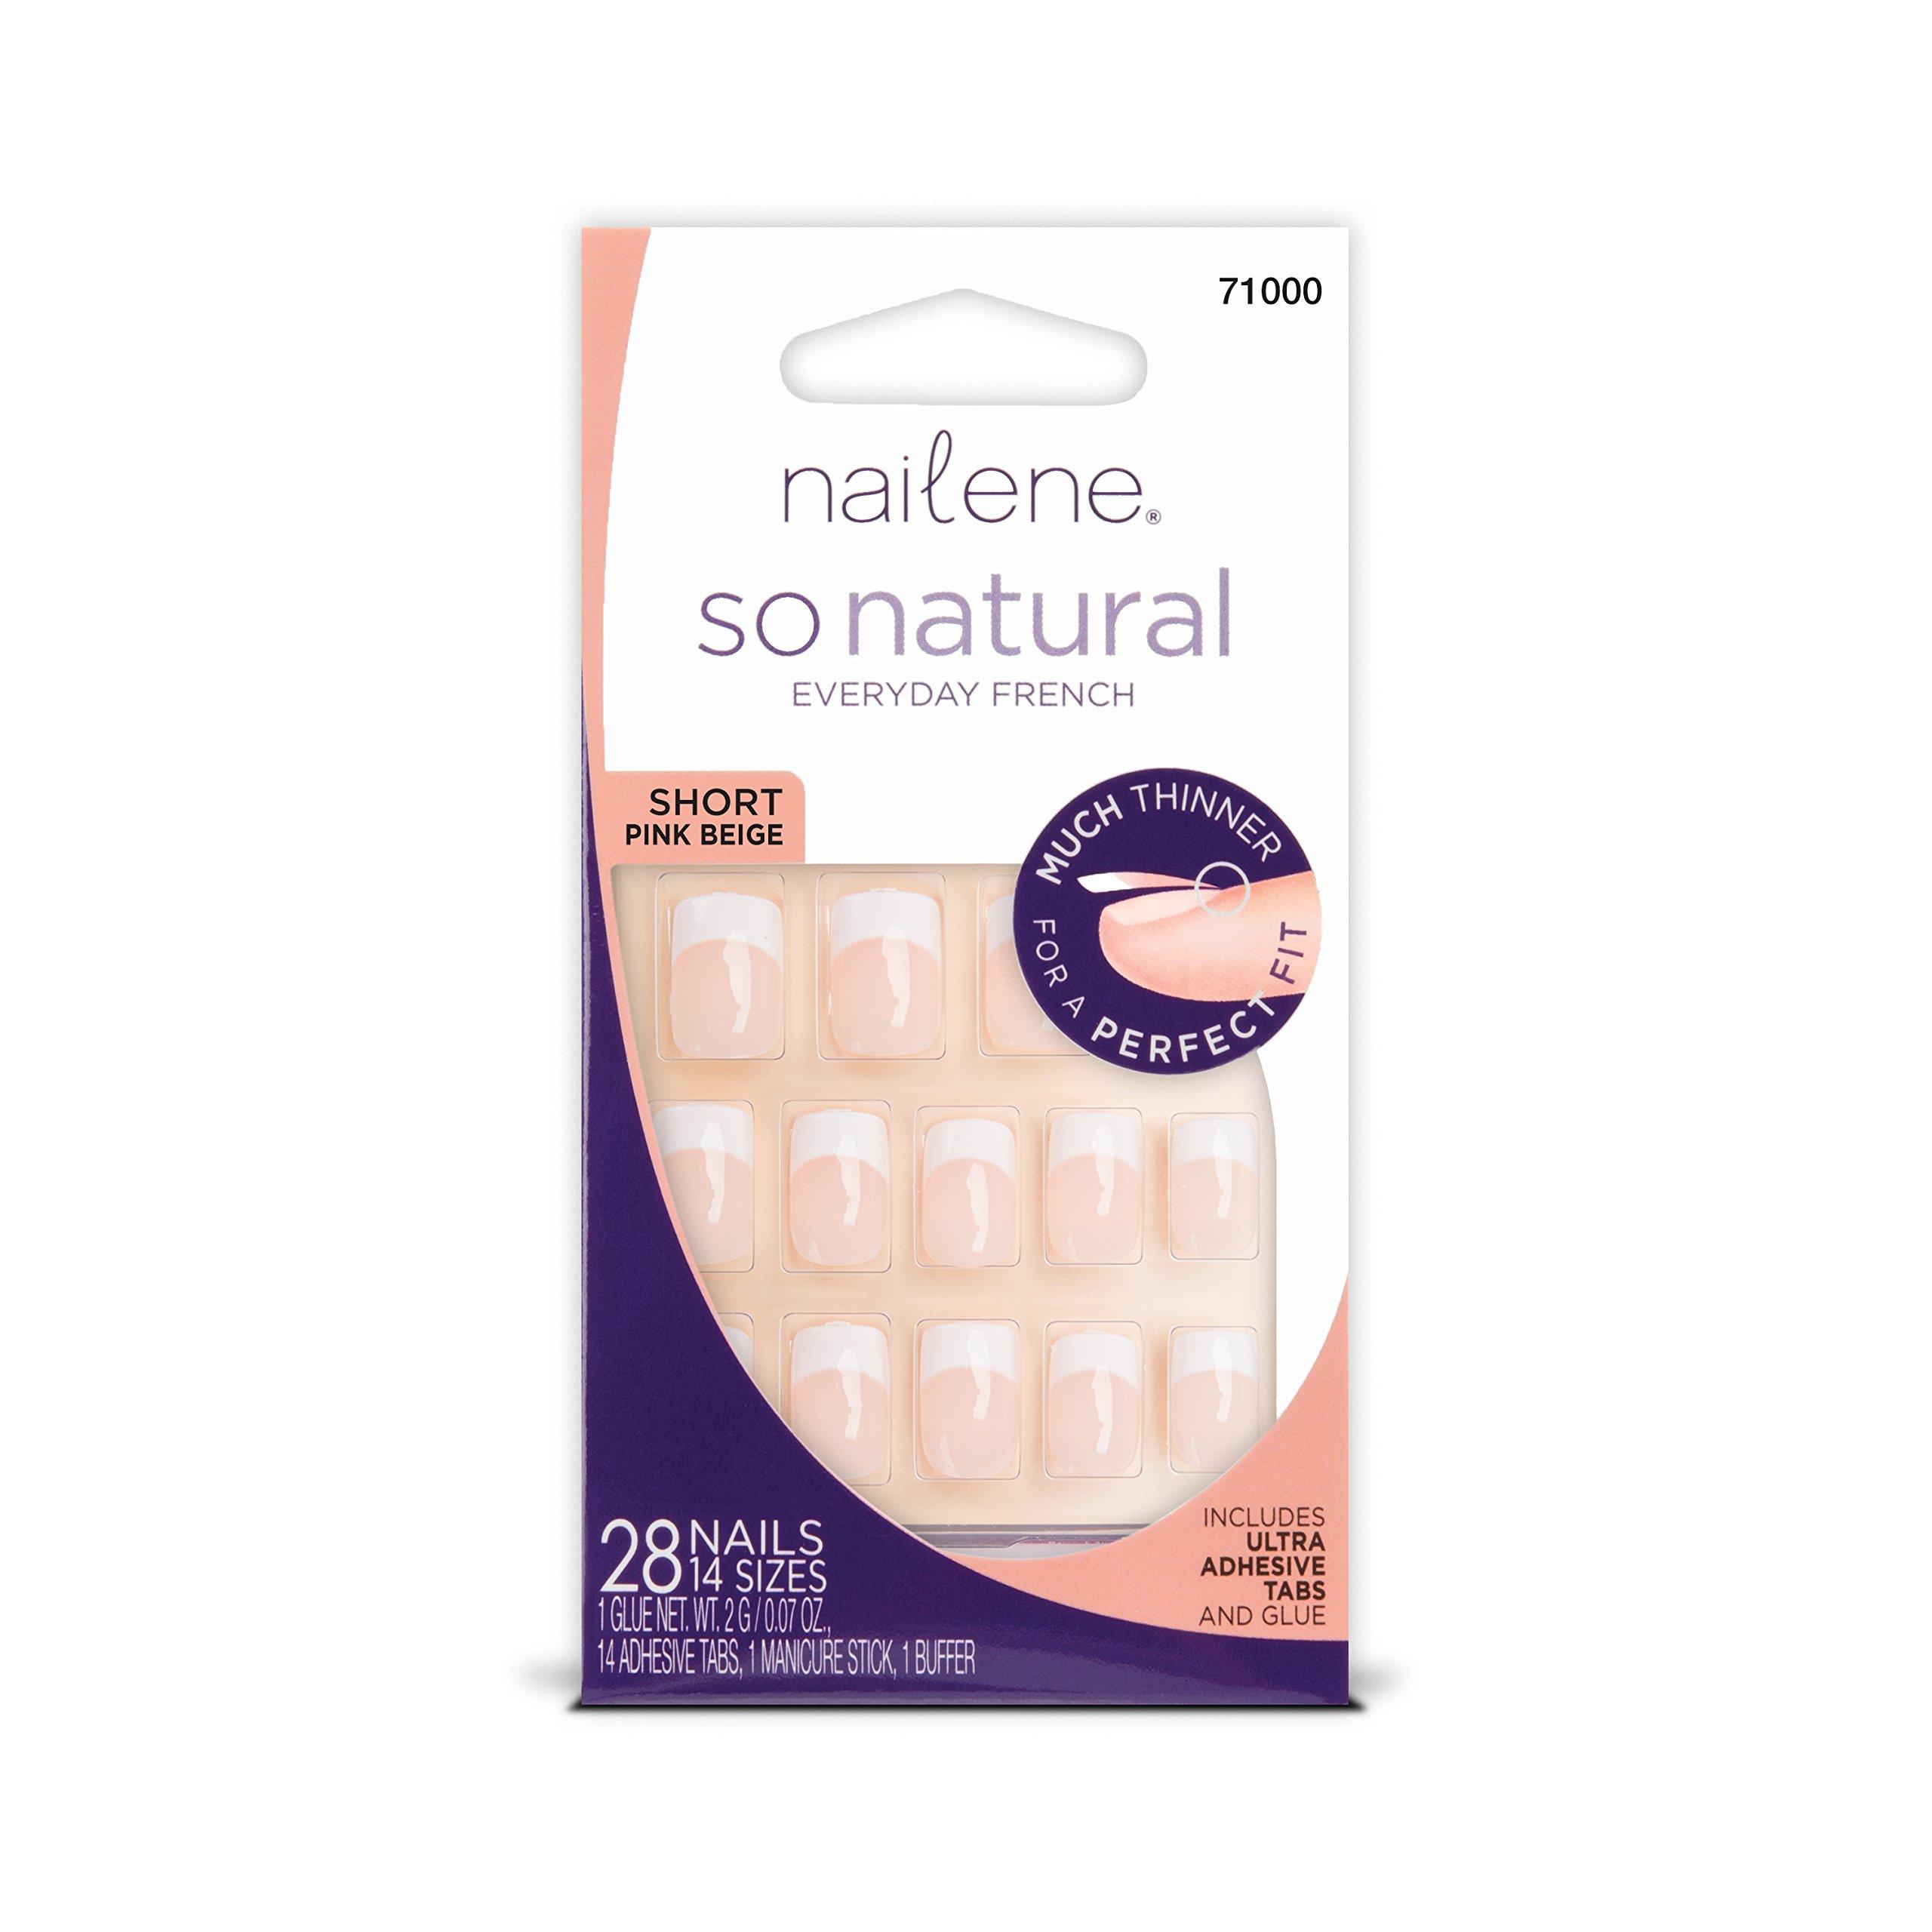 Amazon.com : Kiss Products Salon Acrylic French Nail Kit, Halo ...